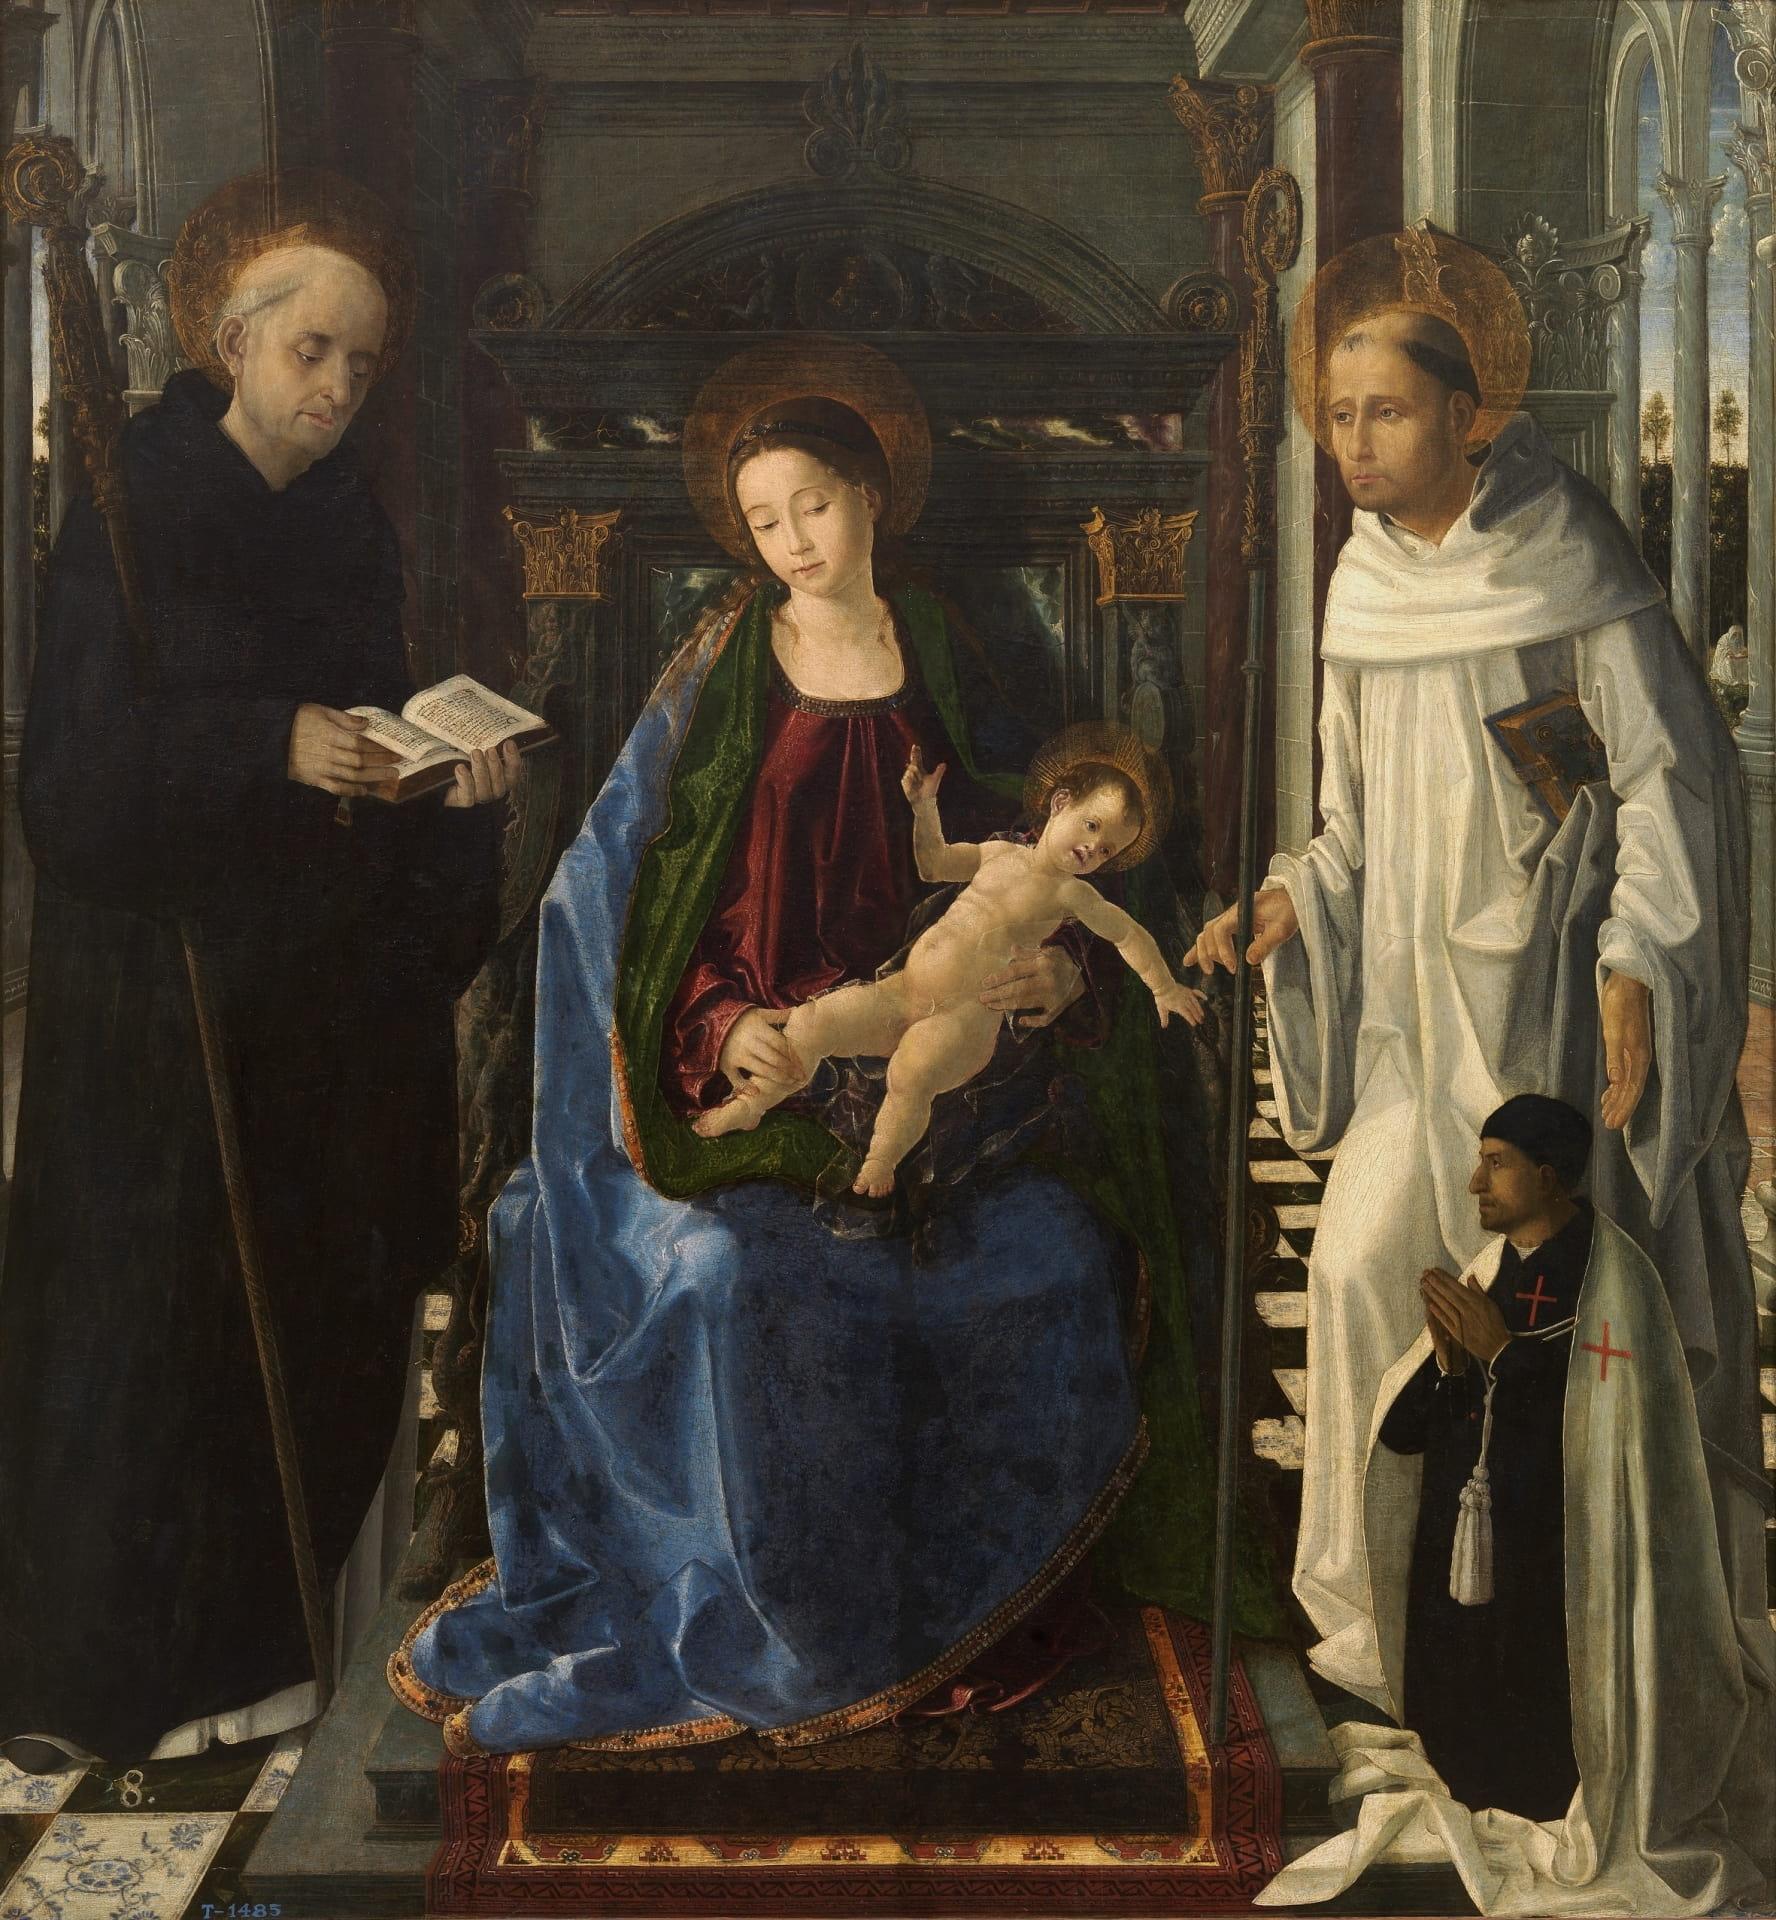 'La Virgen del caballero de Montesa' de Paolo de San Leocadio. @ Museo del Prado